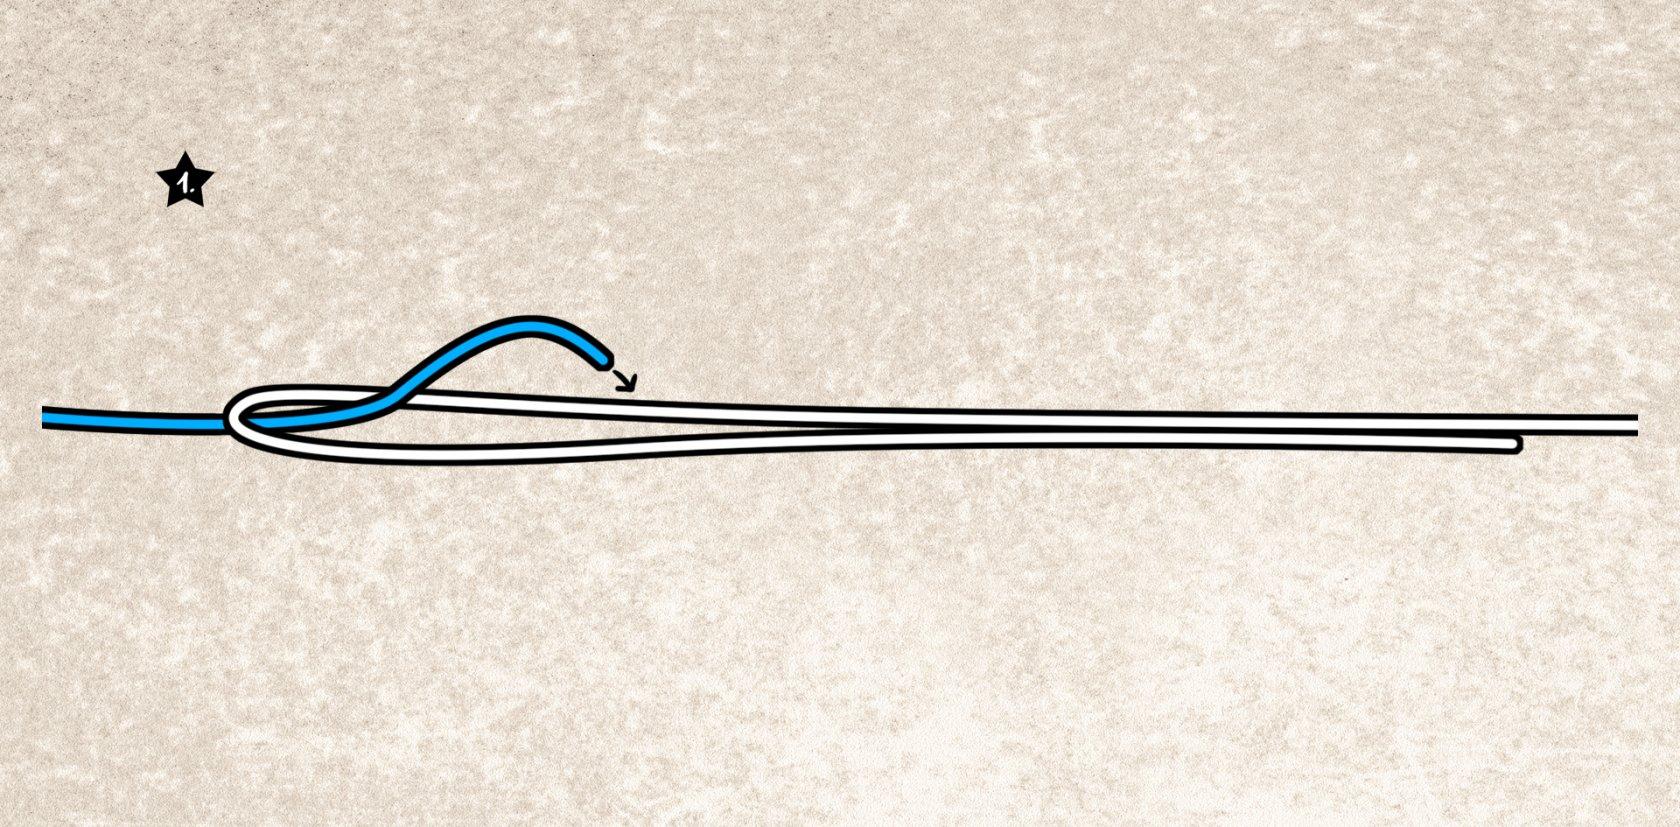 verbesserten albright-knoten binden